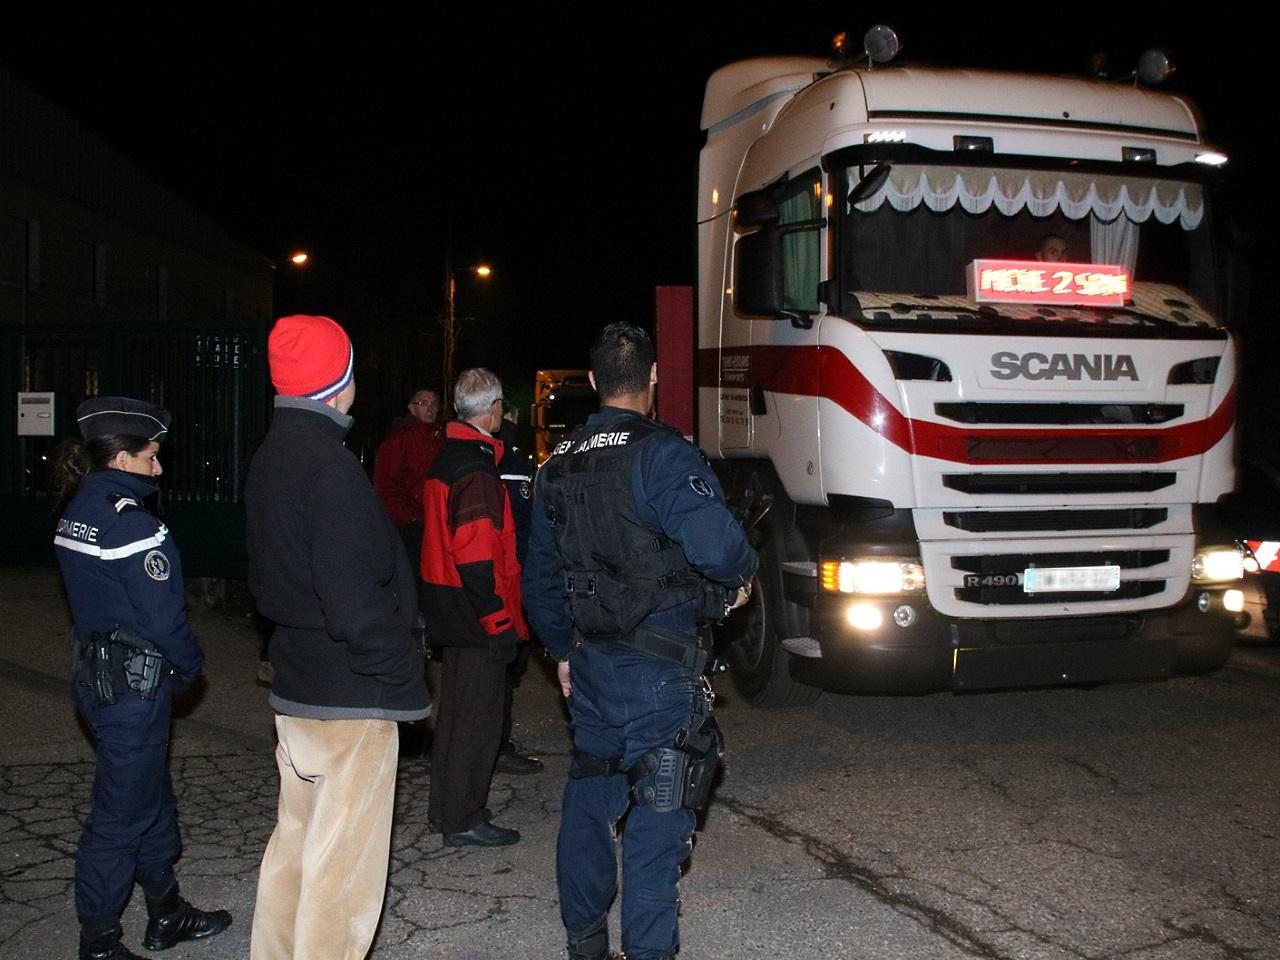 Les opposants empêchés de barrer la route à la sortie des camions - LyonMag